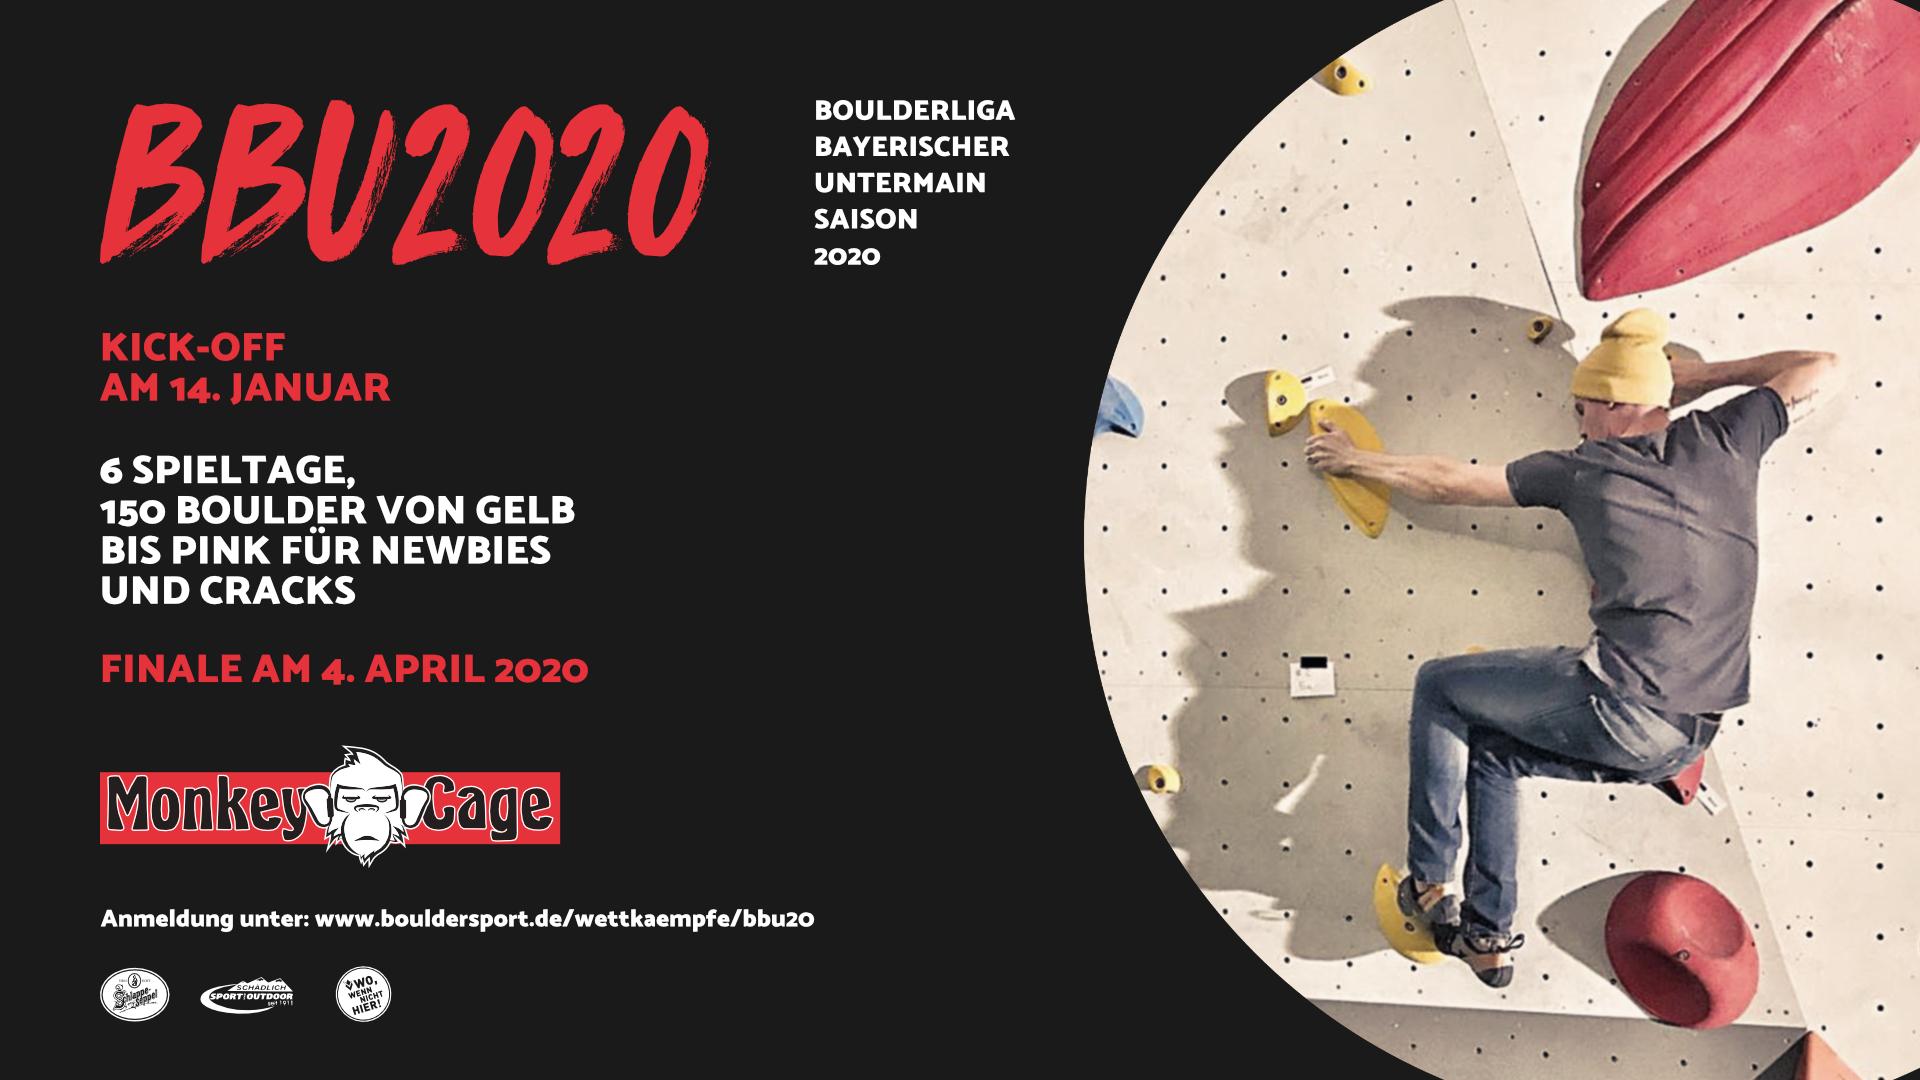 Boulderliga Bayerischer Untermain 2020